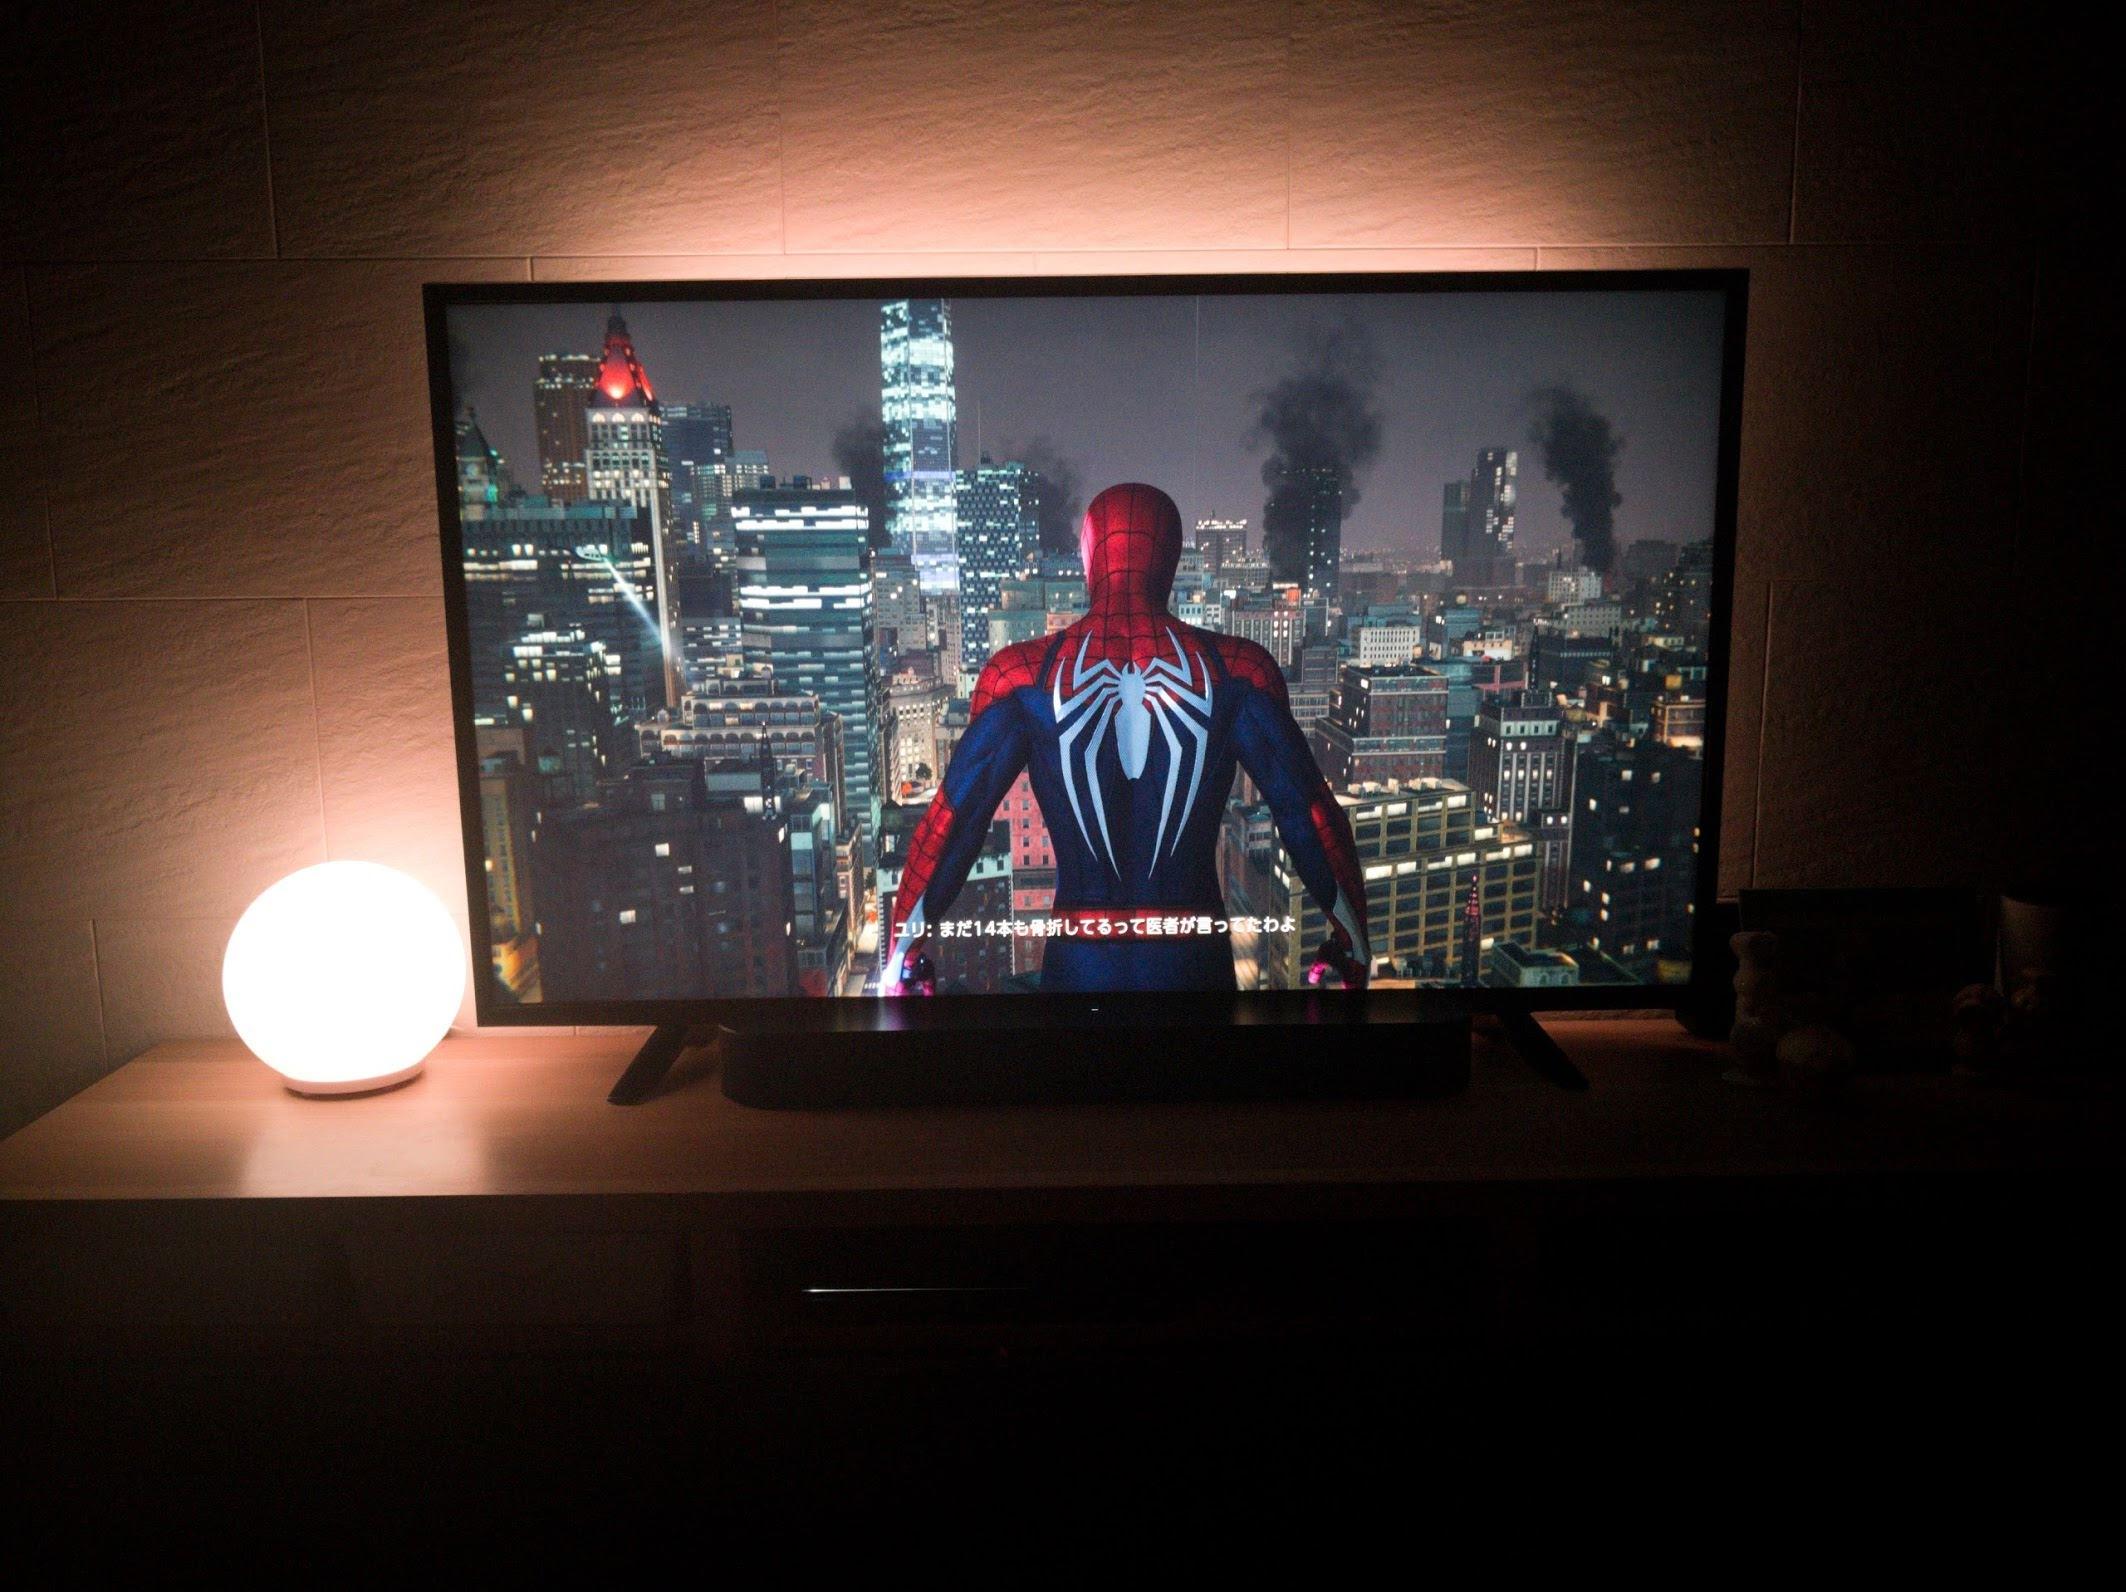 テレビ画面に浮かび上がるスパイダーマン